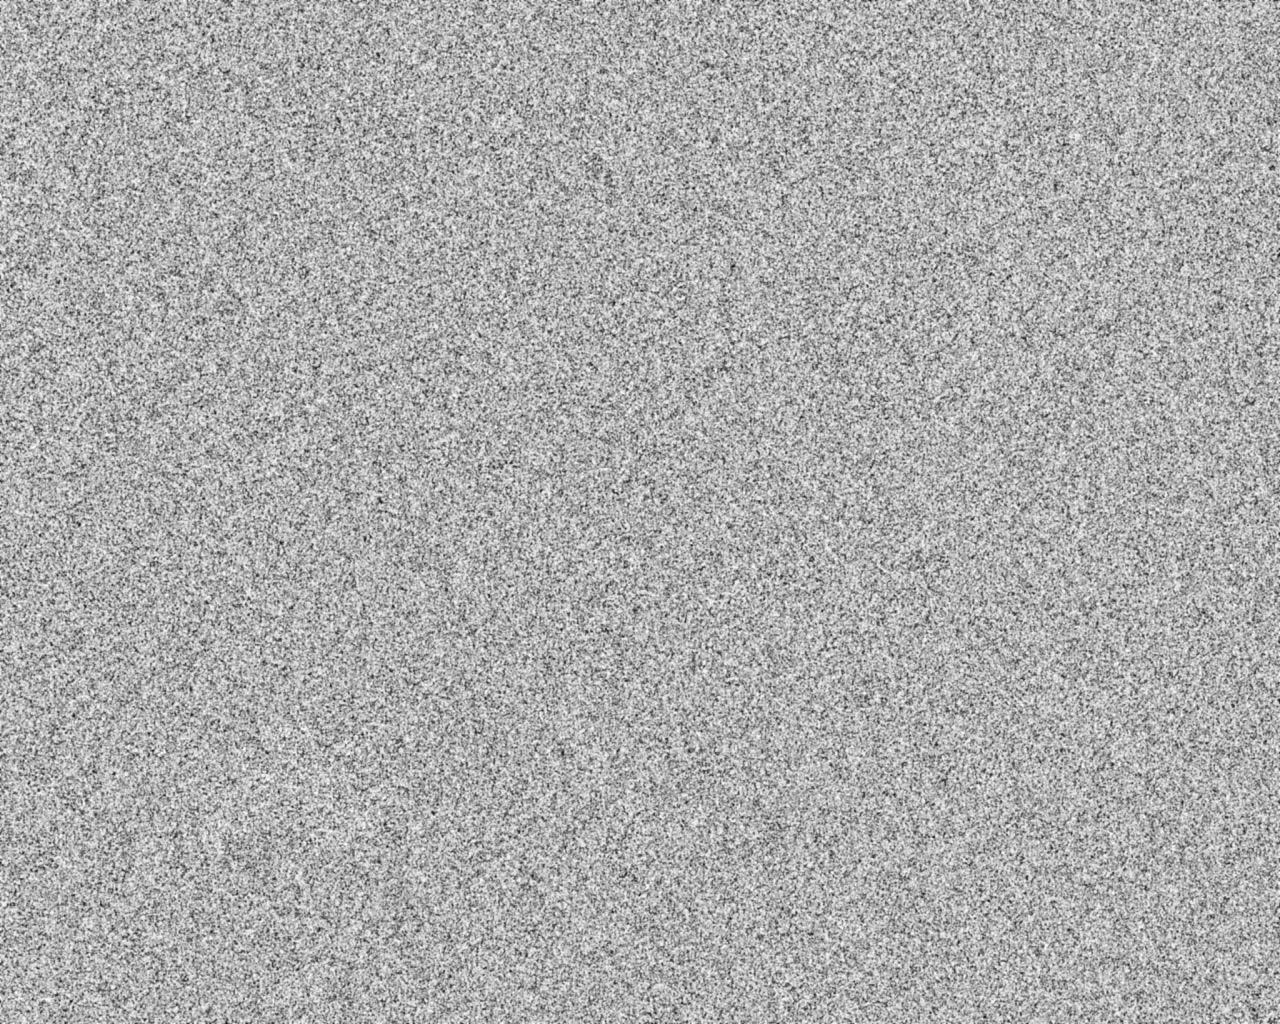 TV Static - Desktop Wallpaper